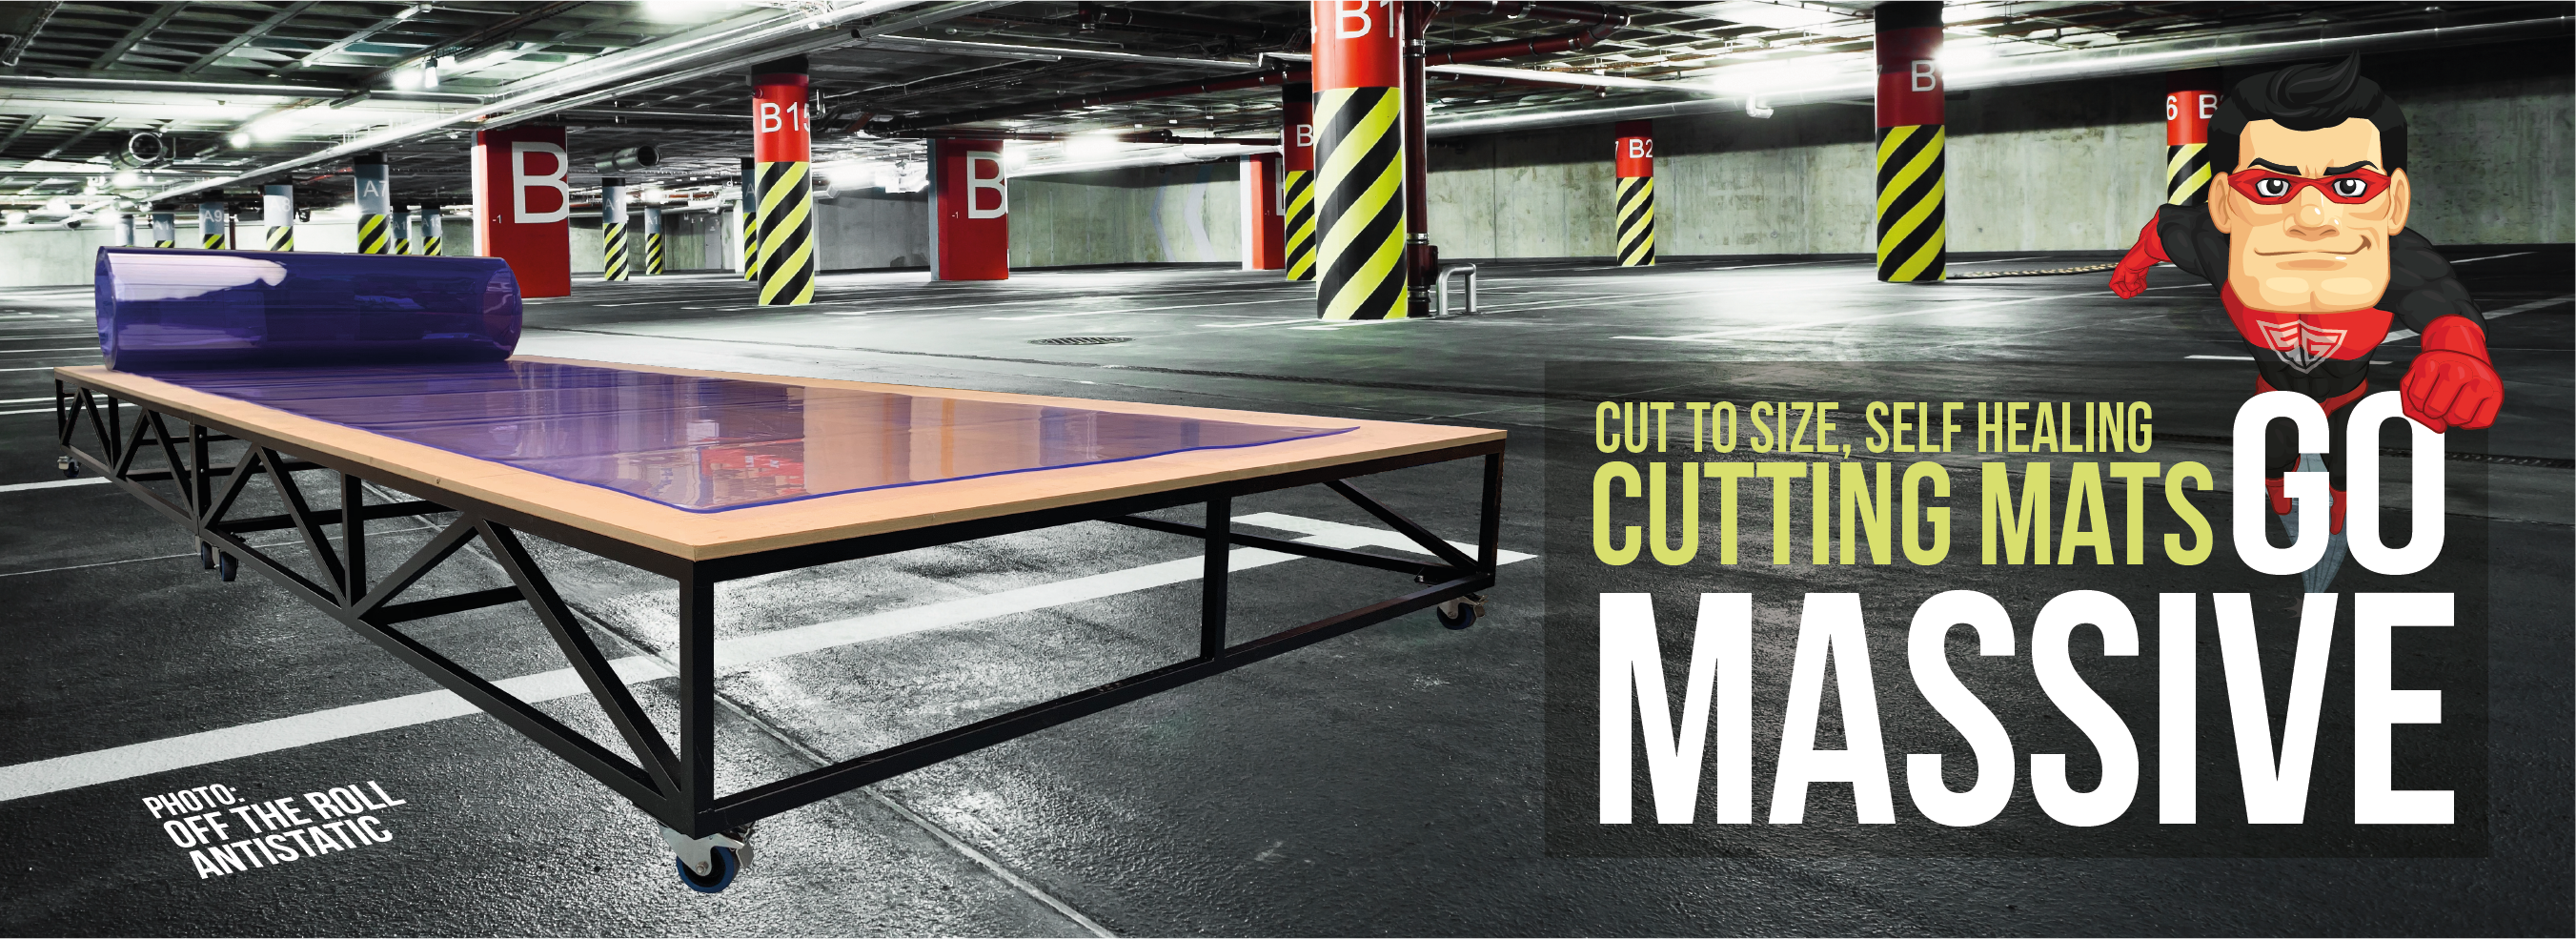 Supersize Cutting Mats